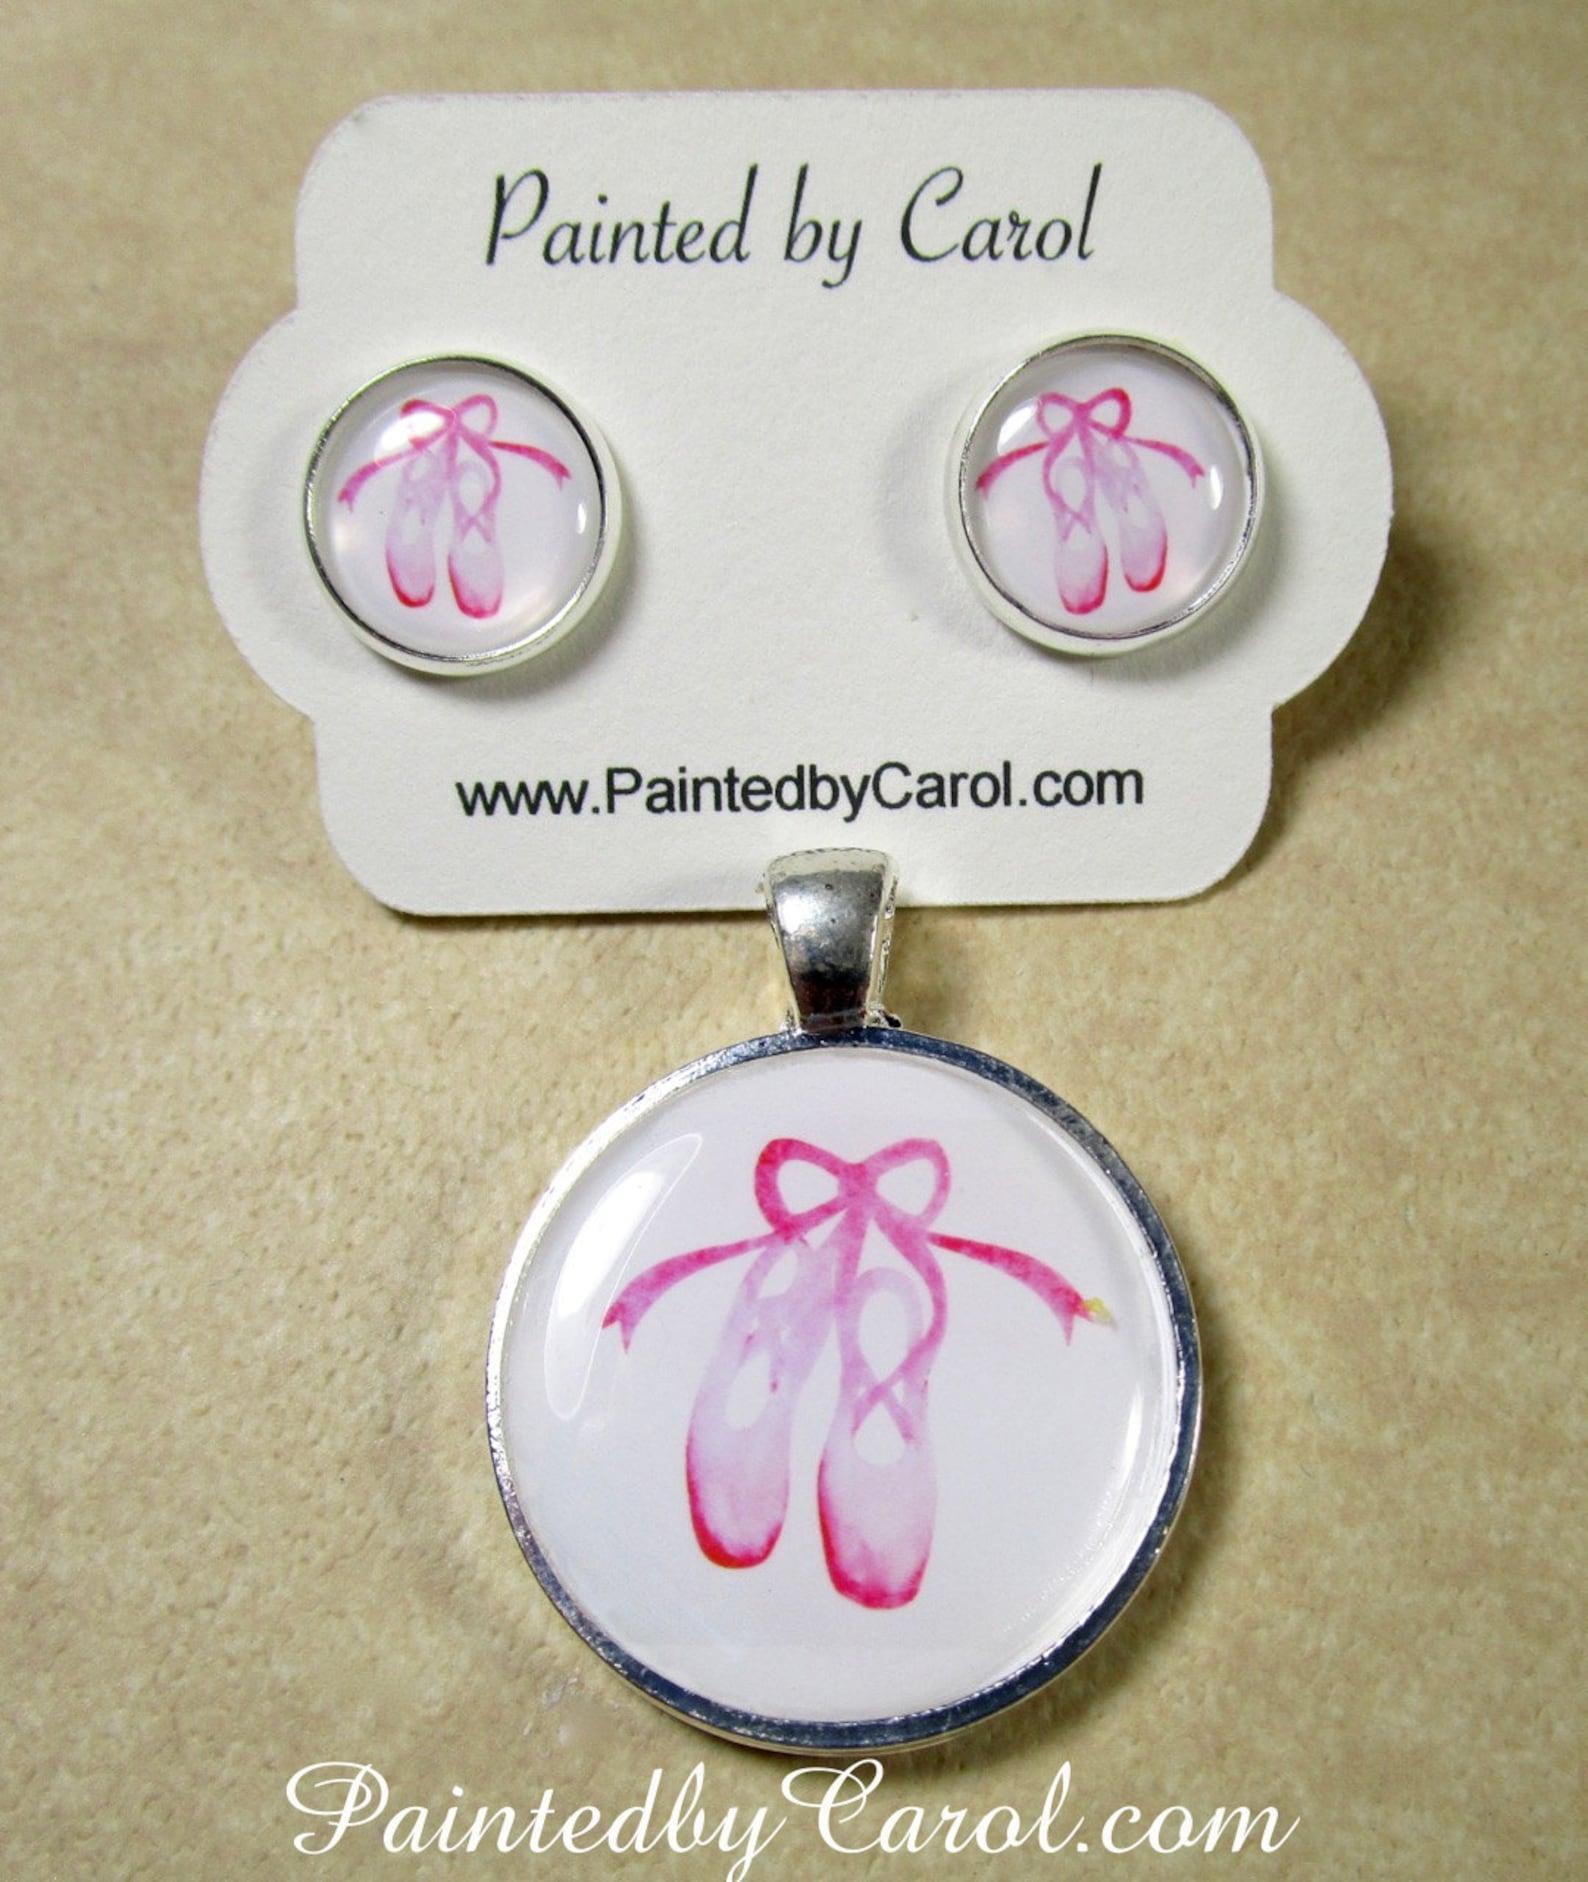 ballet earrings, ballerina jewelry, pink toe shoes studs, dance earrings, dancer jewelry, ballet jewelry, ballerina earrings, gi